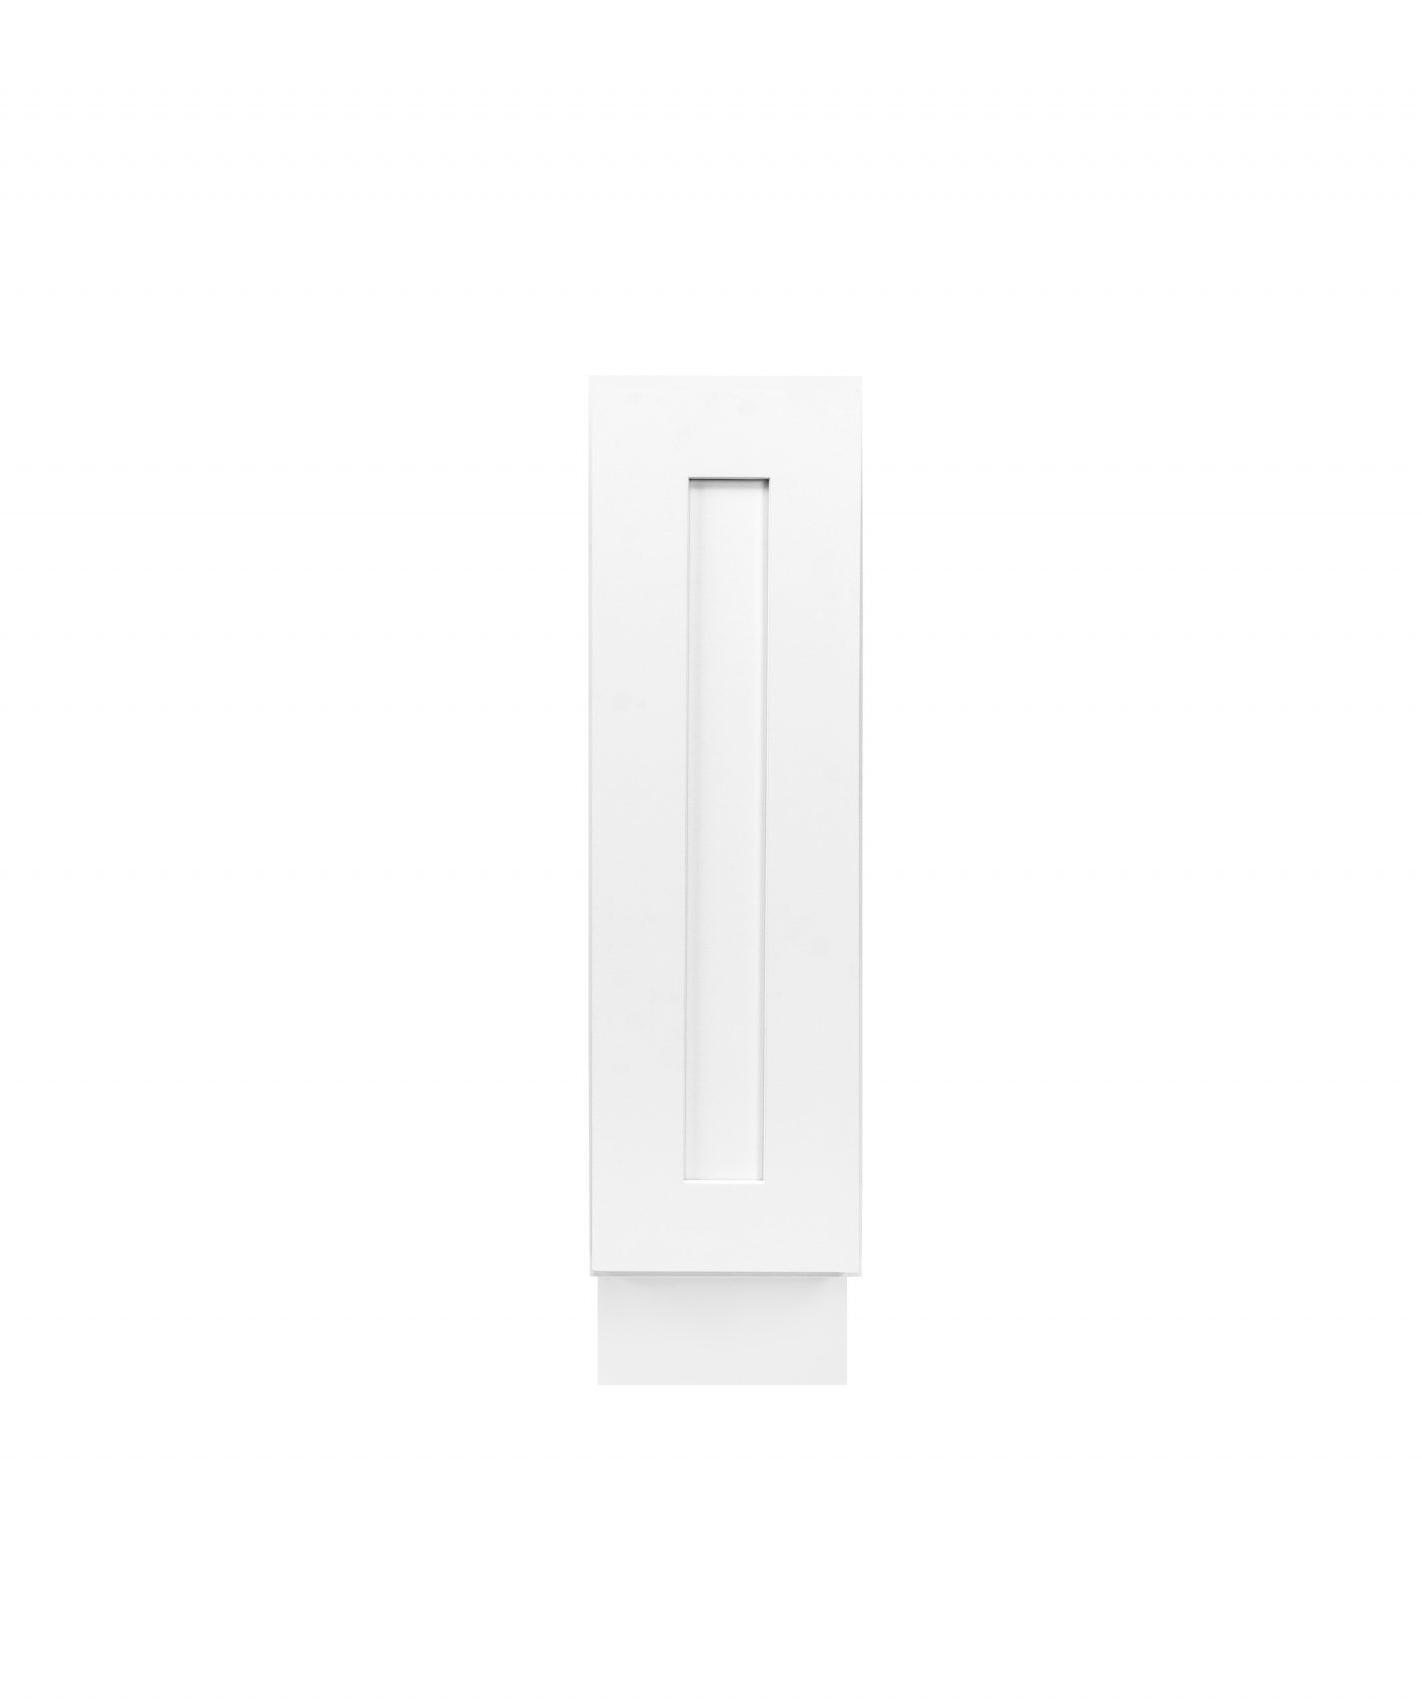 White Shaker Cabinetry SR06, SR09